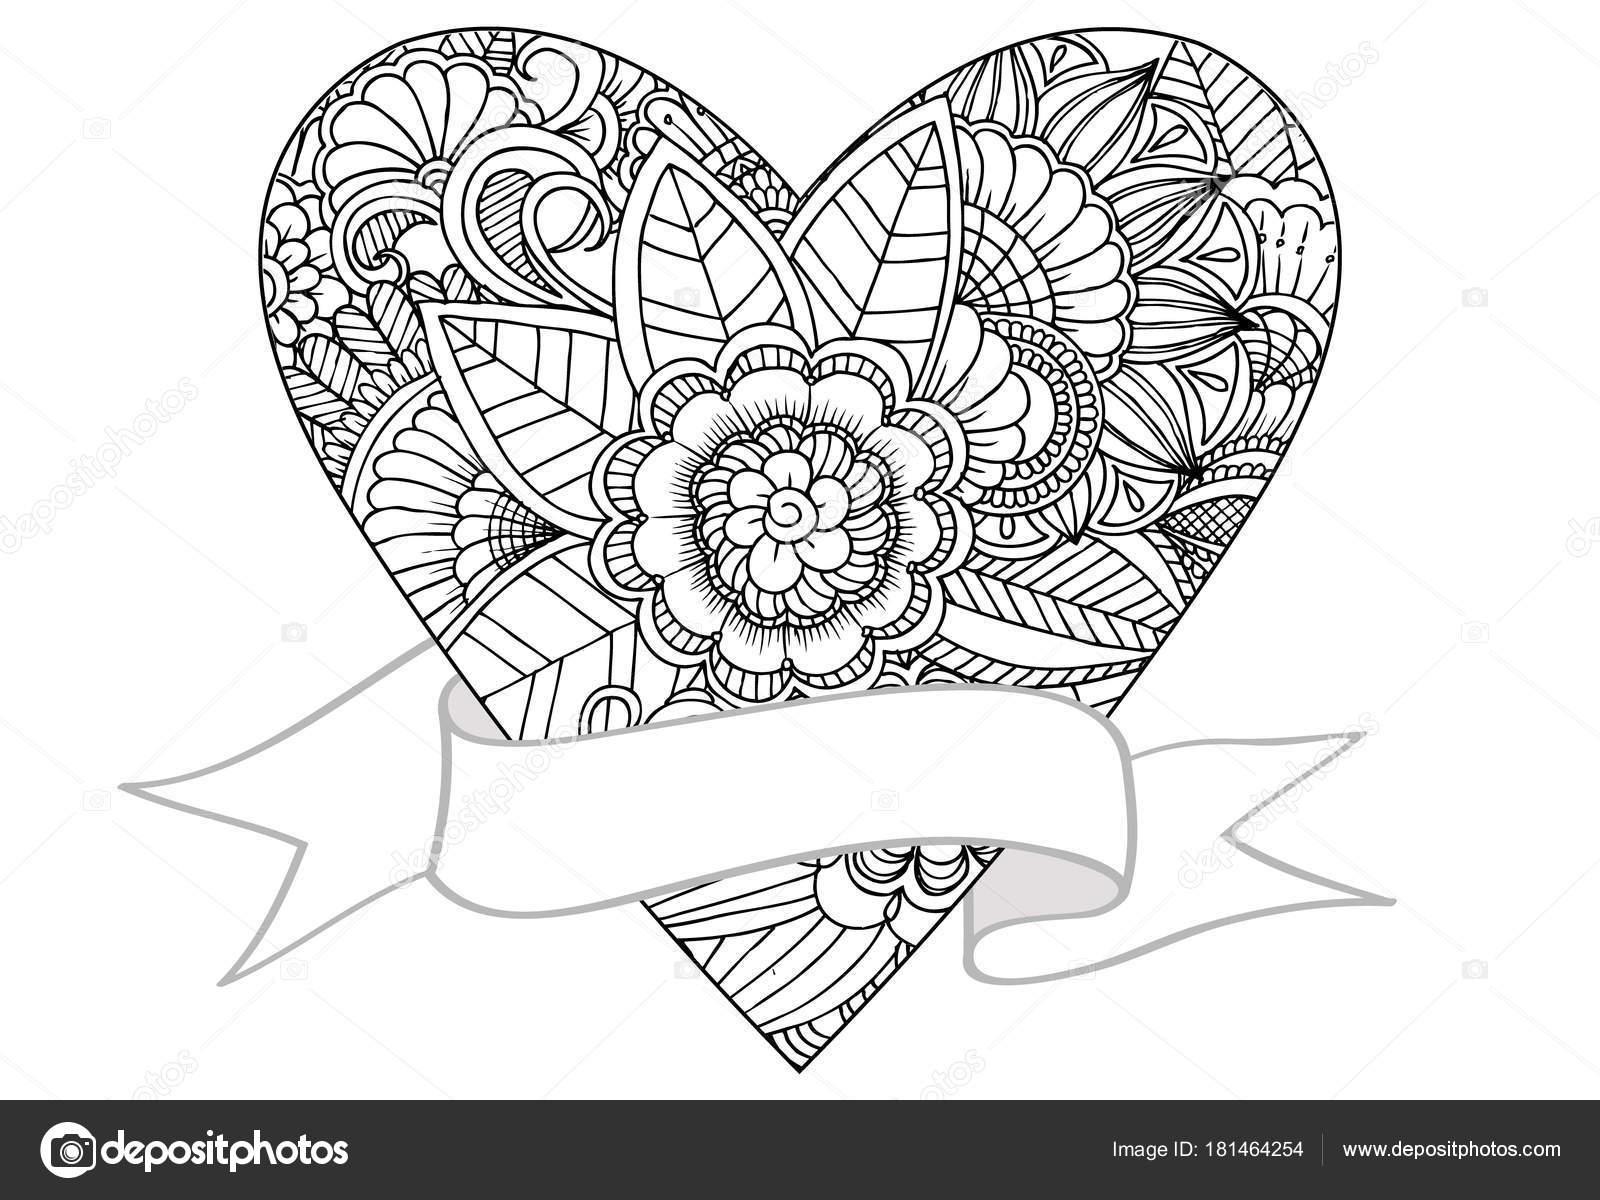 Vektor-Doodle Zeichnung des Herzens und der Band. Können zum ...